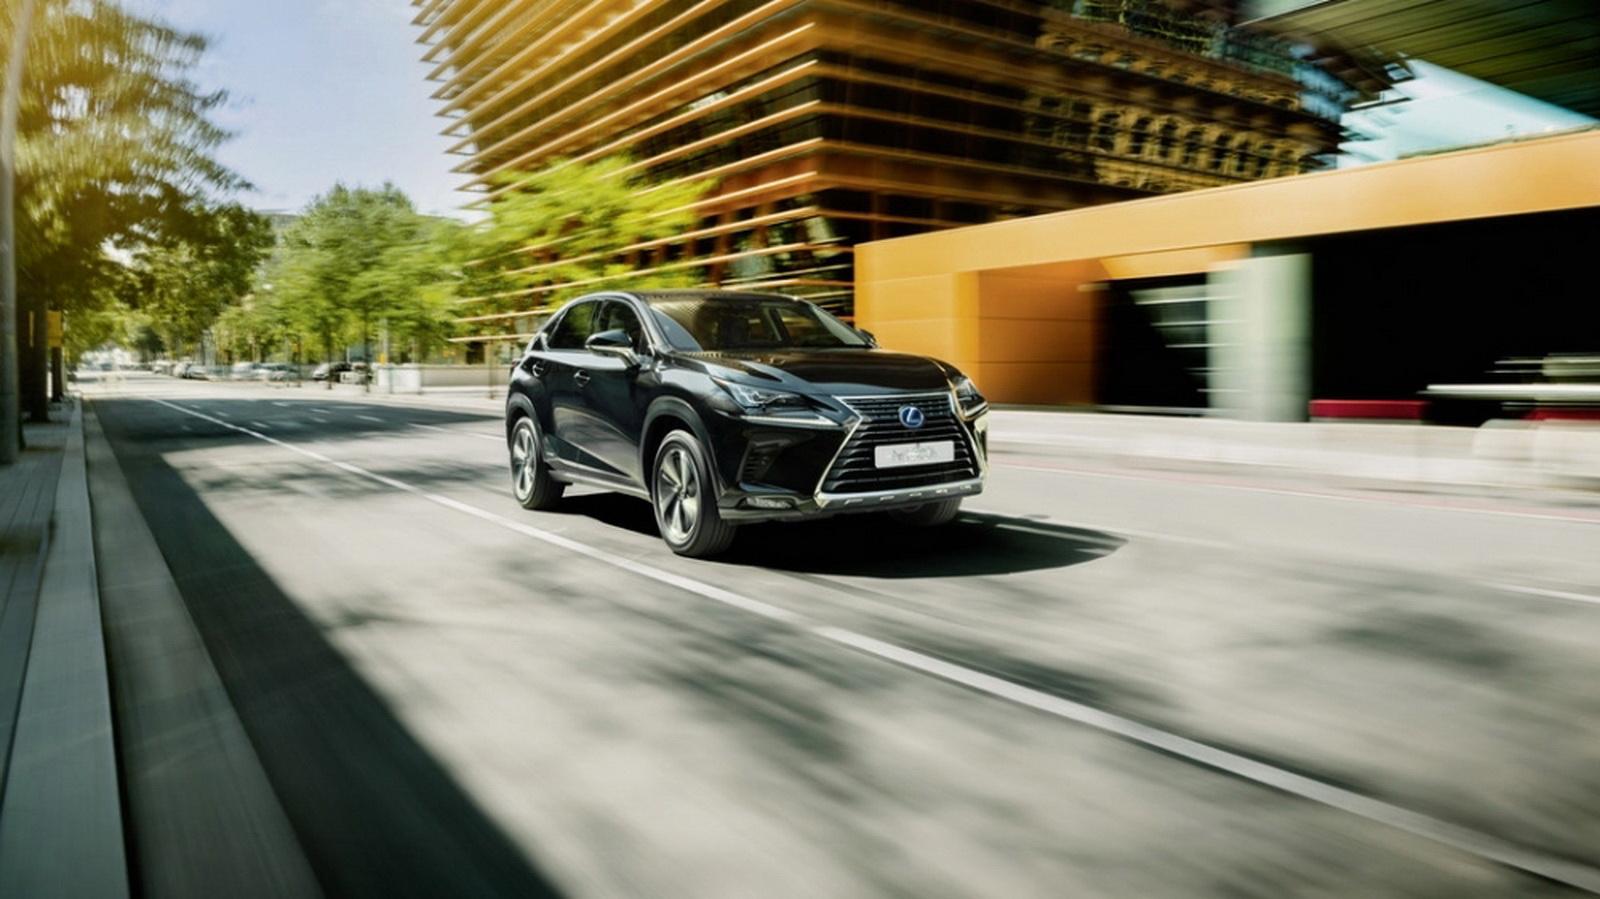 圖/Lexus NX 200搭載2.0升自然進氣引擎,擁有13.6km/l能源效率一級的傲人油耗表現。